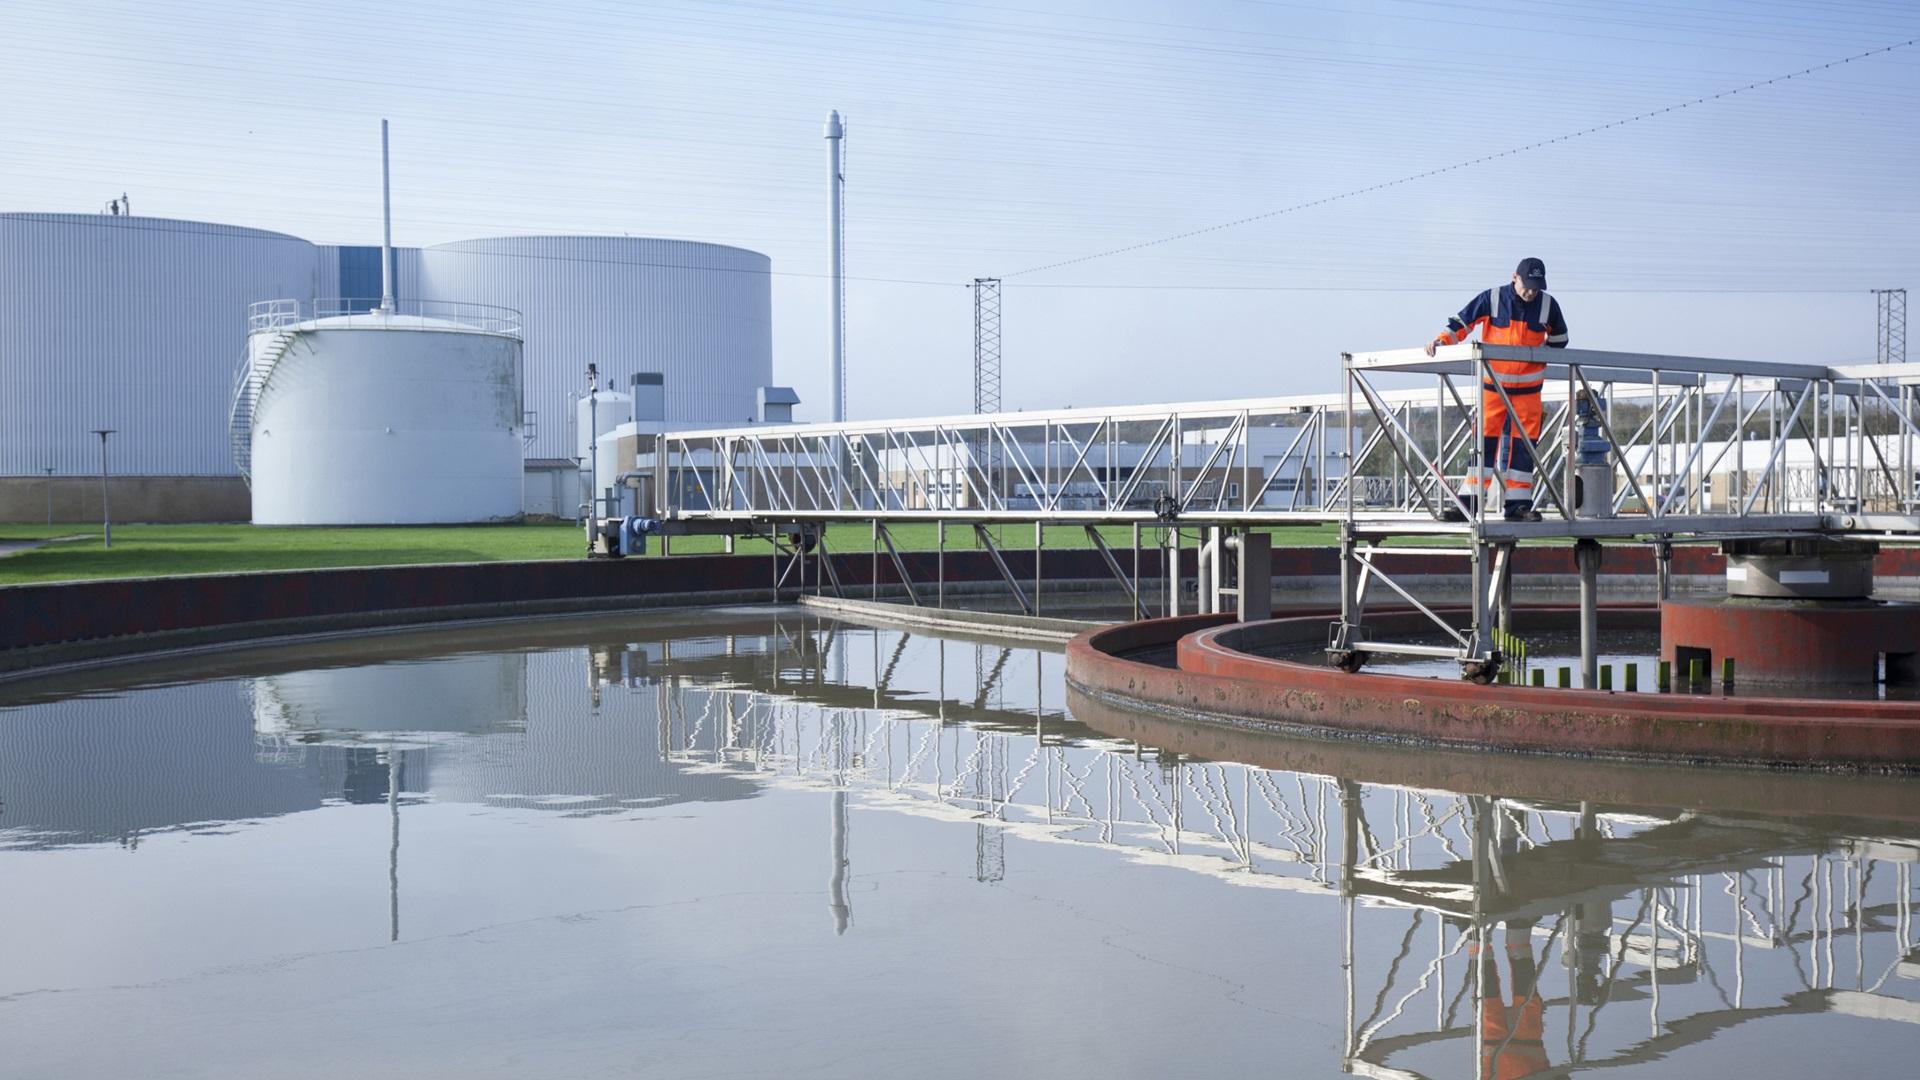 AVK ventiler og tilbehør til spildevand er egnet til en række applikationer inden for spildevandsopsamling, -behandling og -udløb